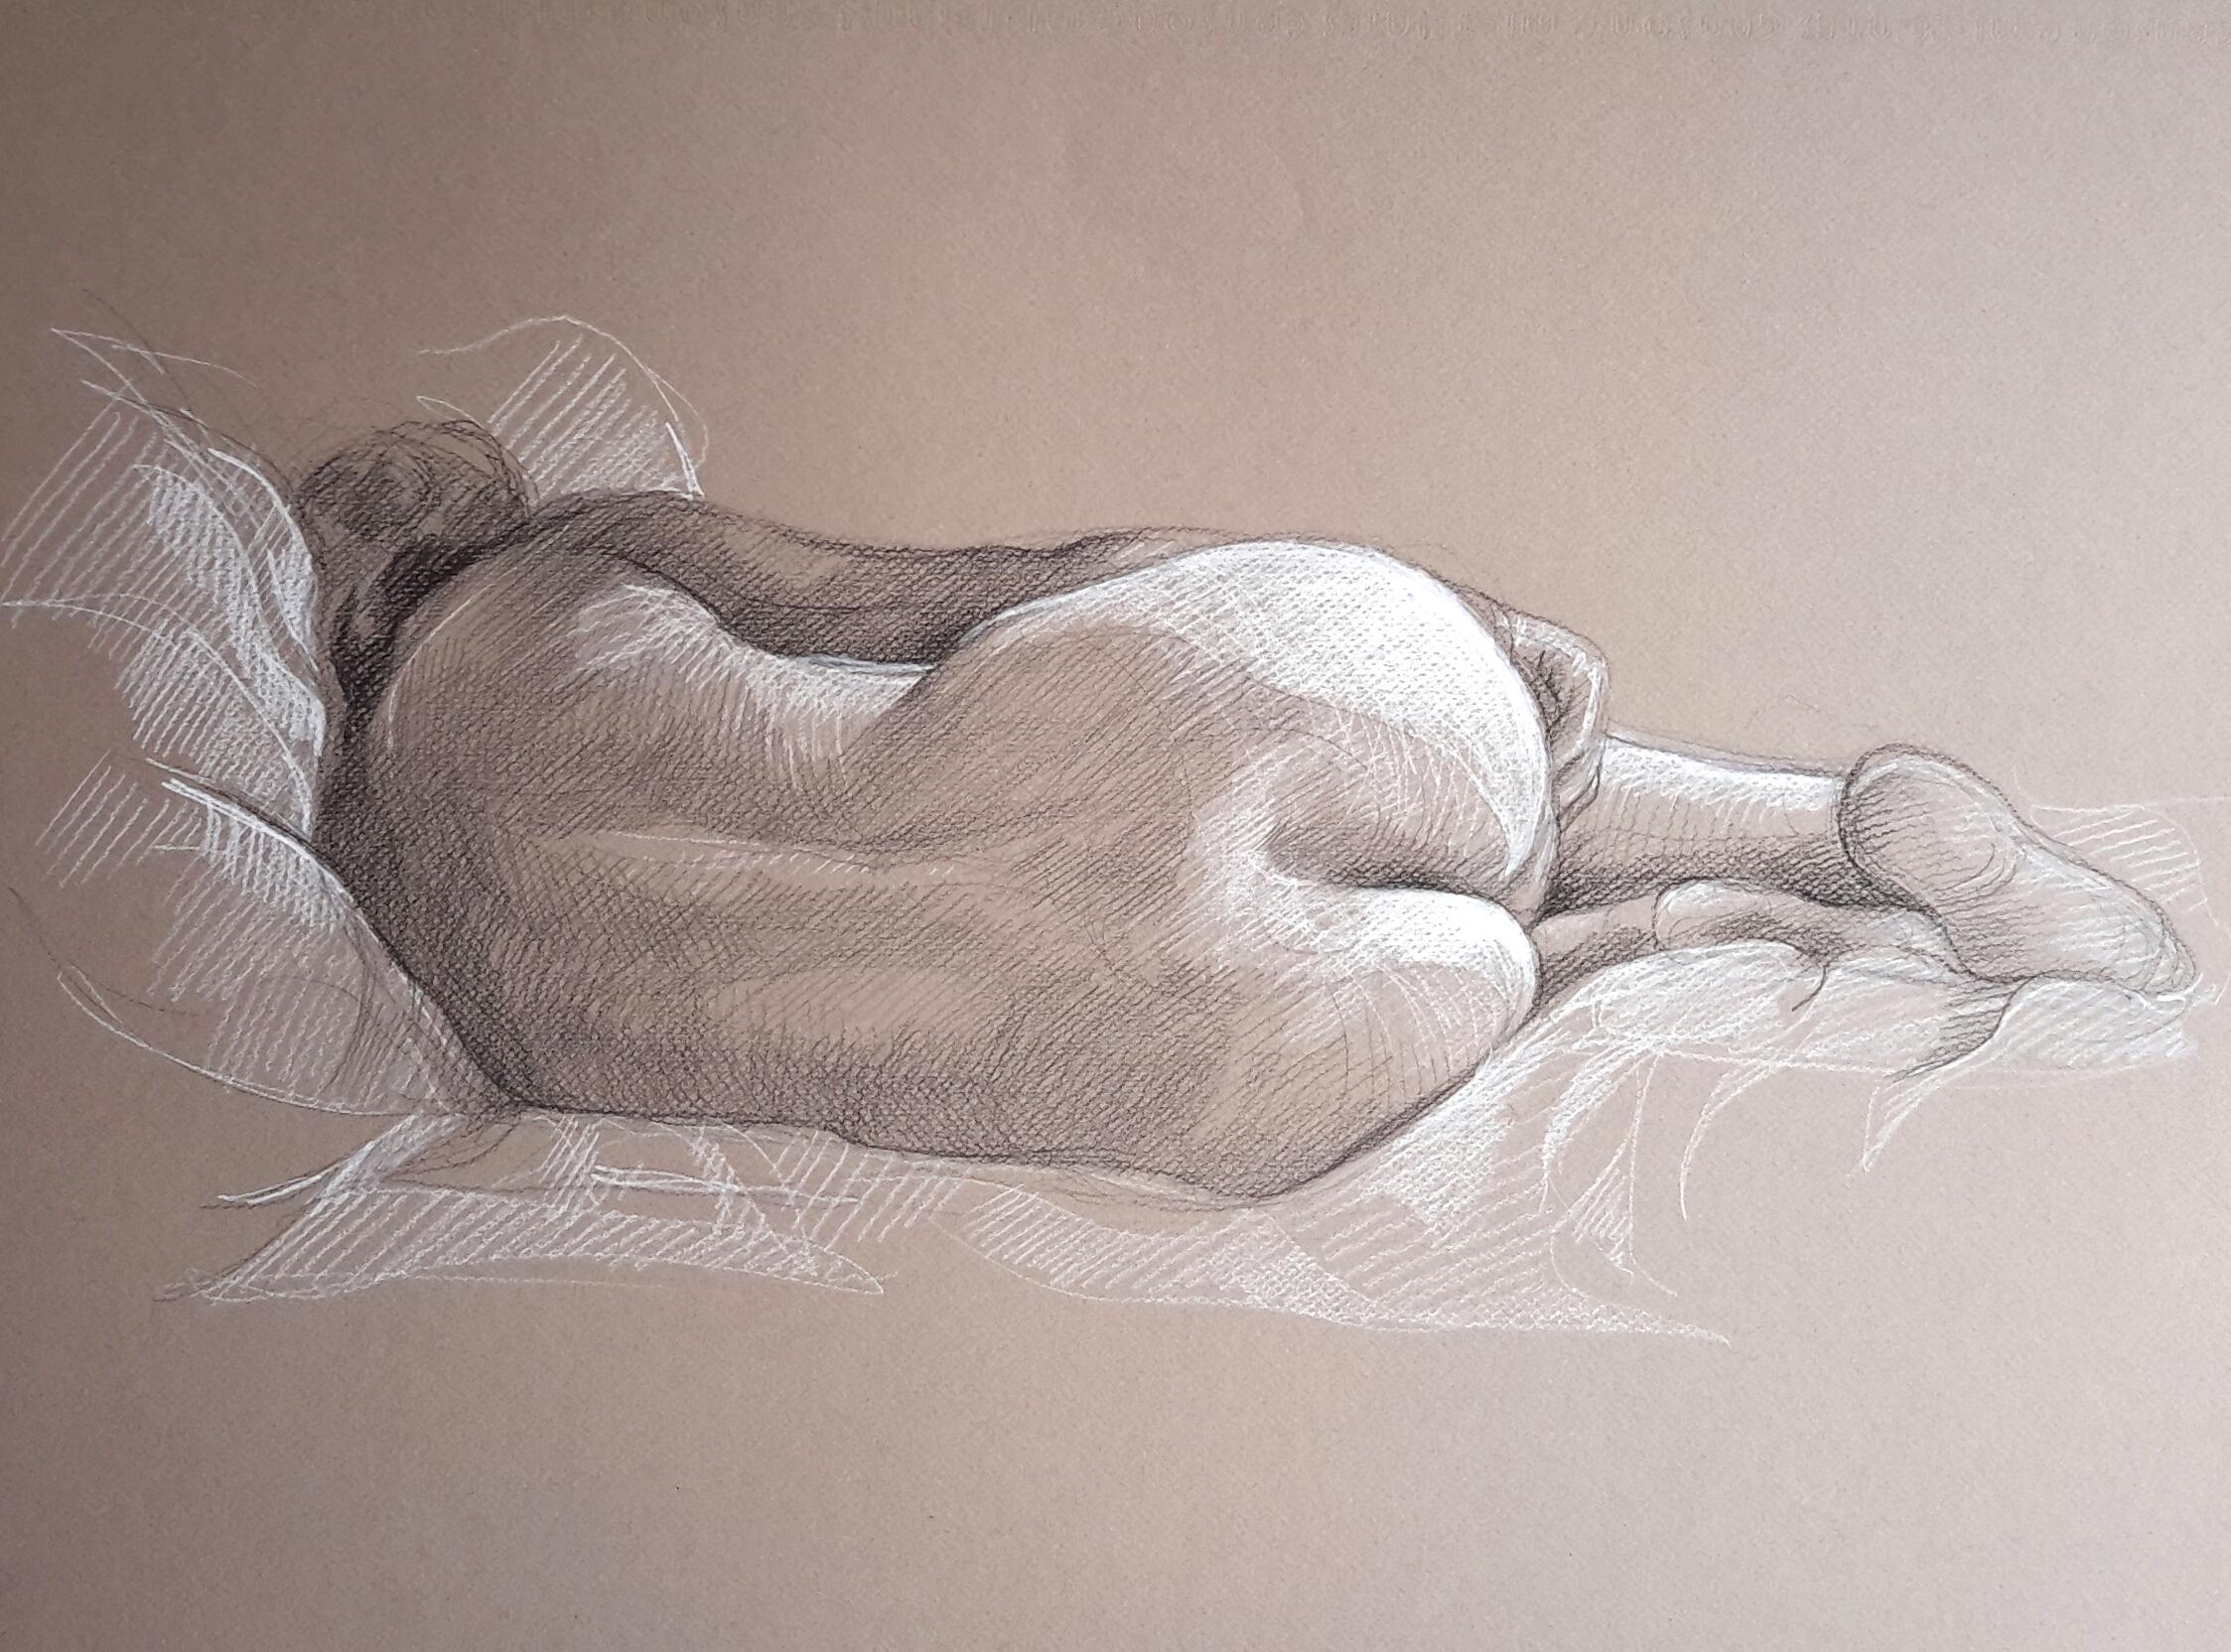 Modèle vivant 33 : pierre noire et crayon blanc